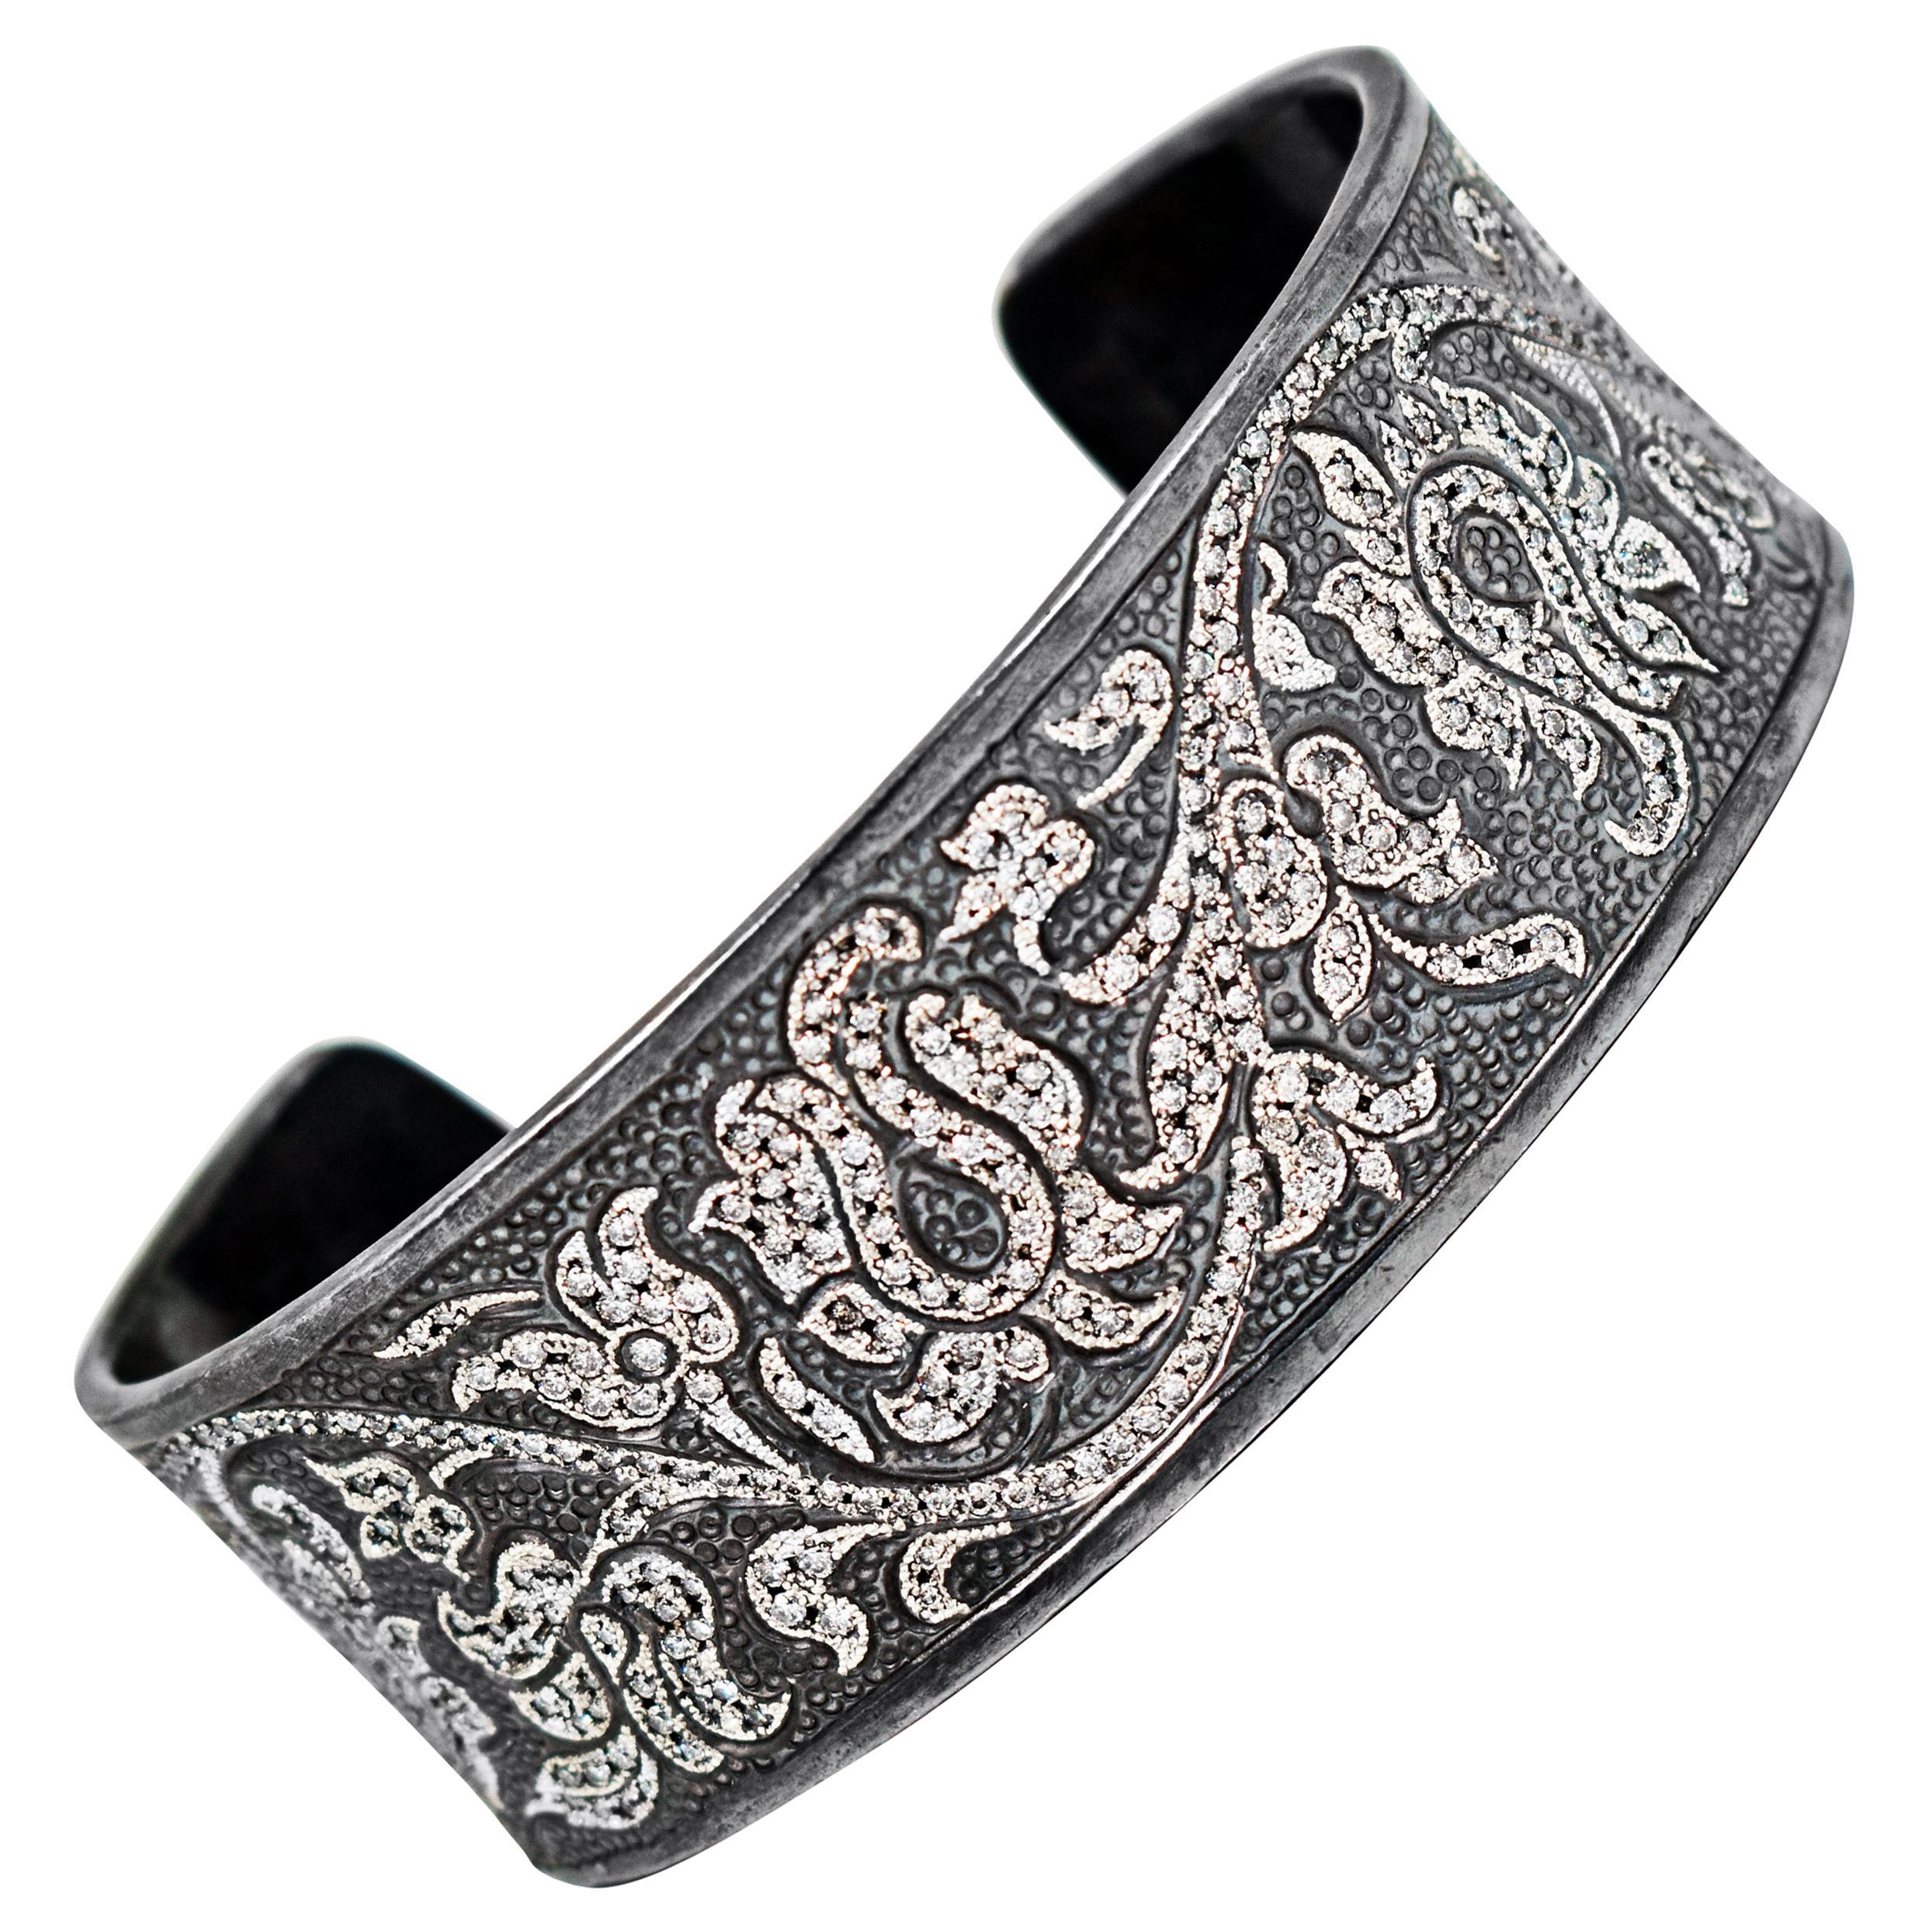 3.21 Carat Diamond Pavé Engraved Oxidized Sterling Silver Cuff Bracelet